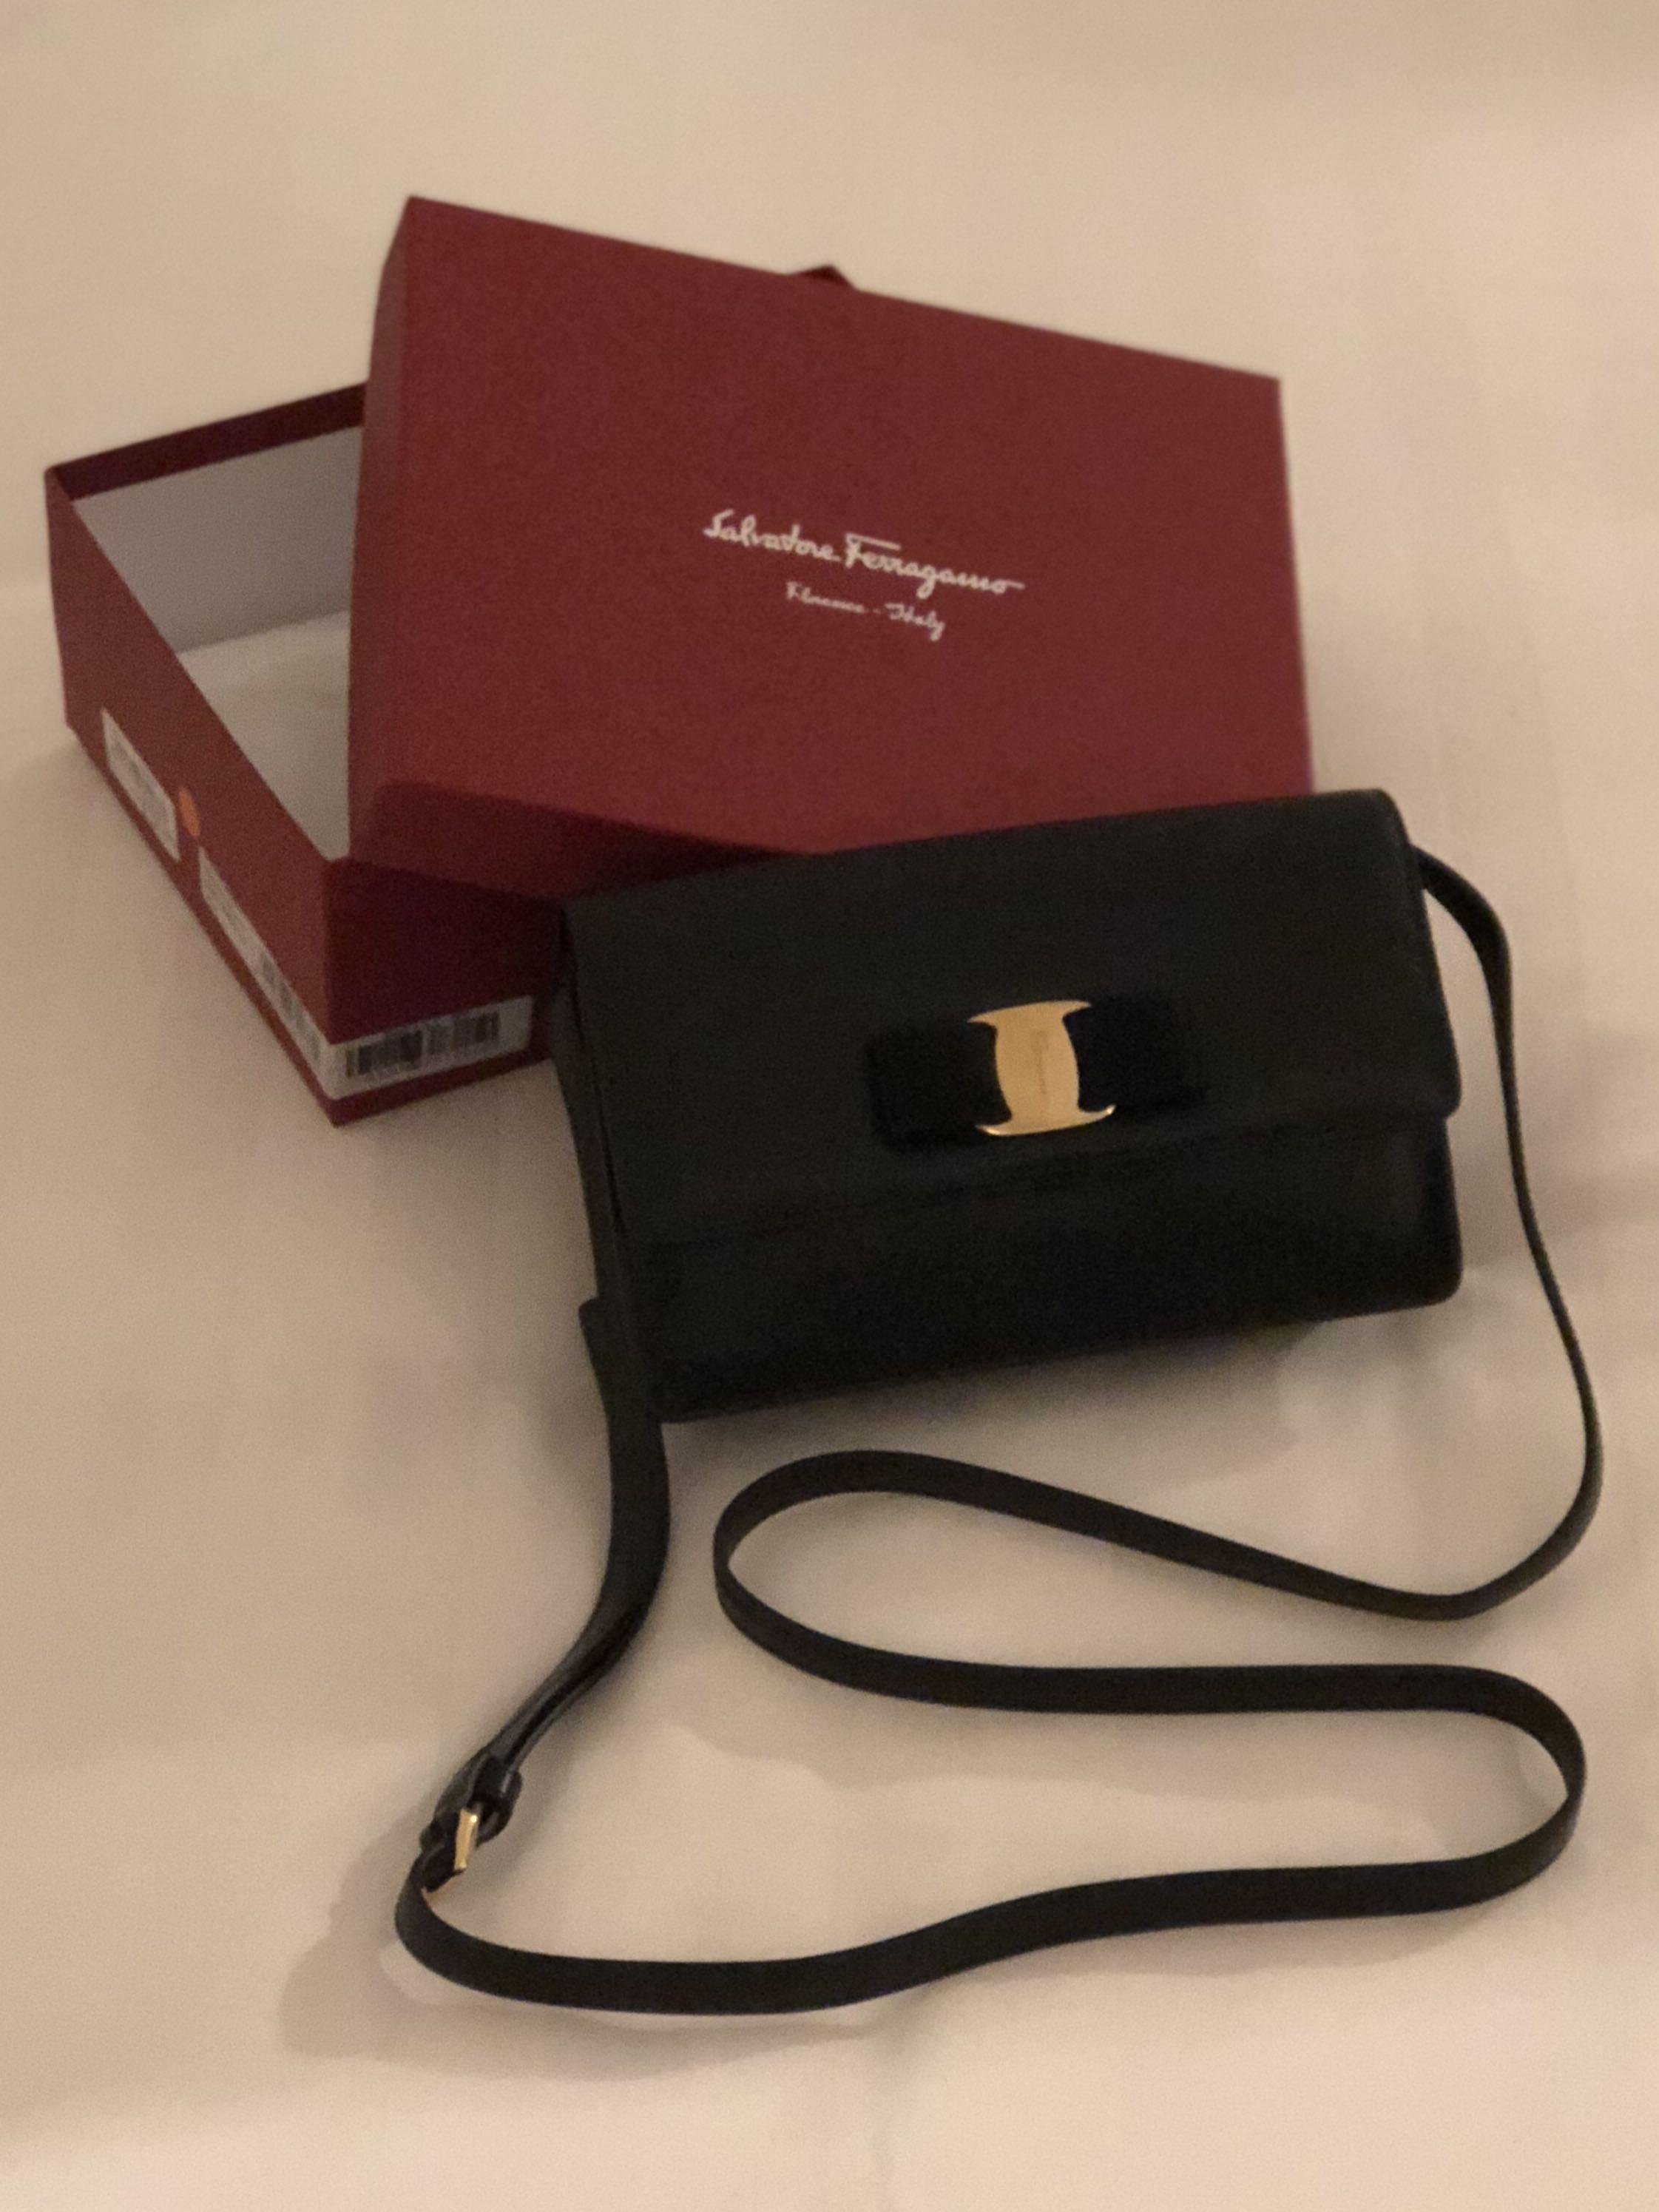 0a3cd4301256 BN Ferragamo Calf Leather Small Bag